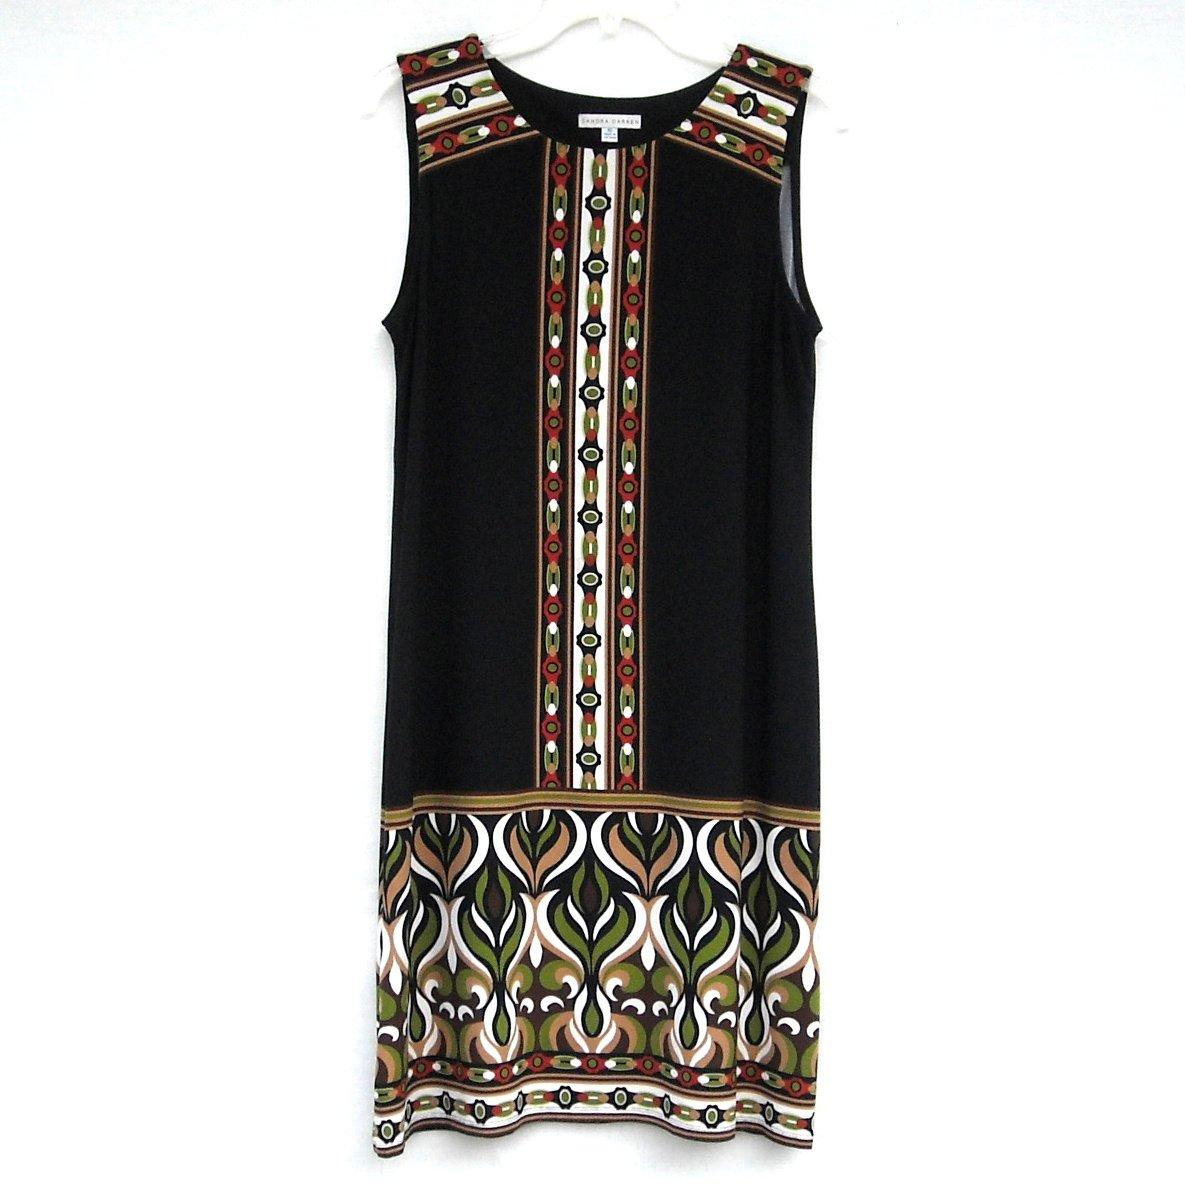 Misses Sleeveless Sandra Darren Dress size 10